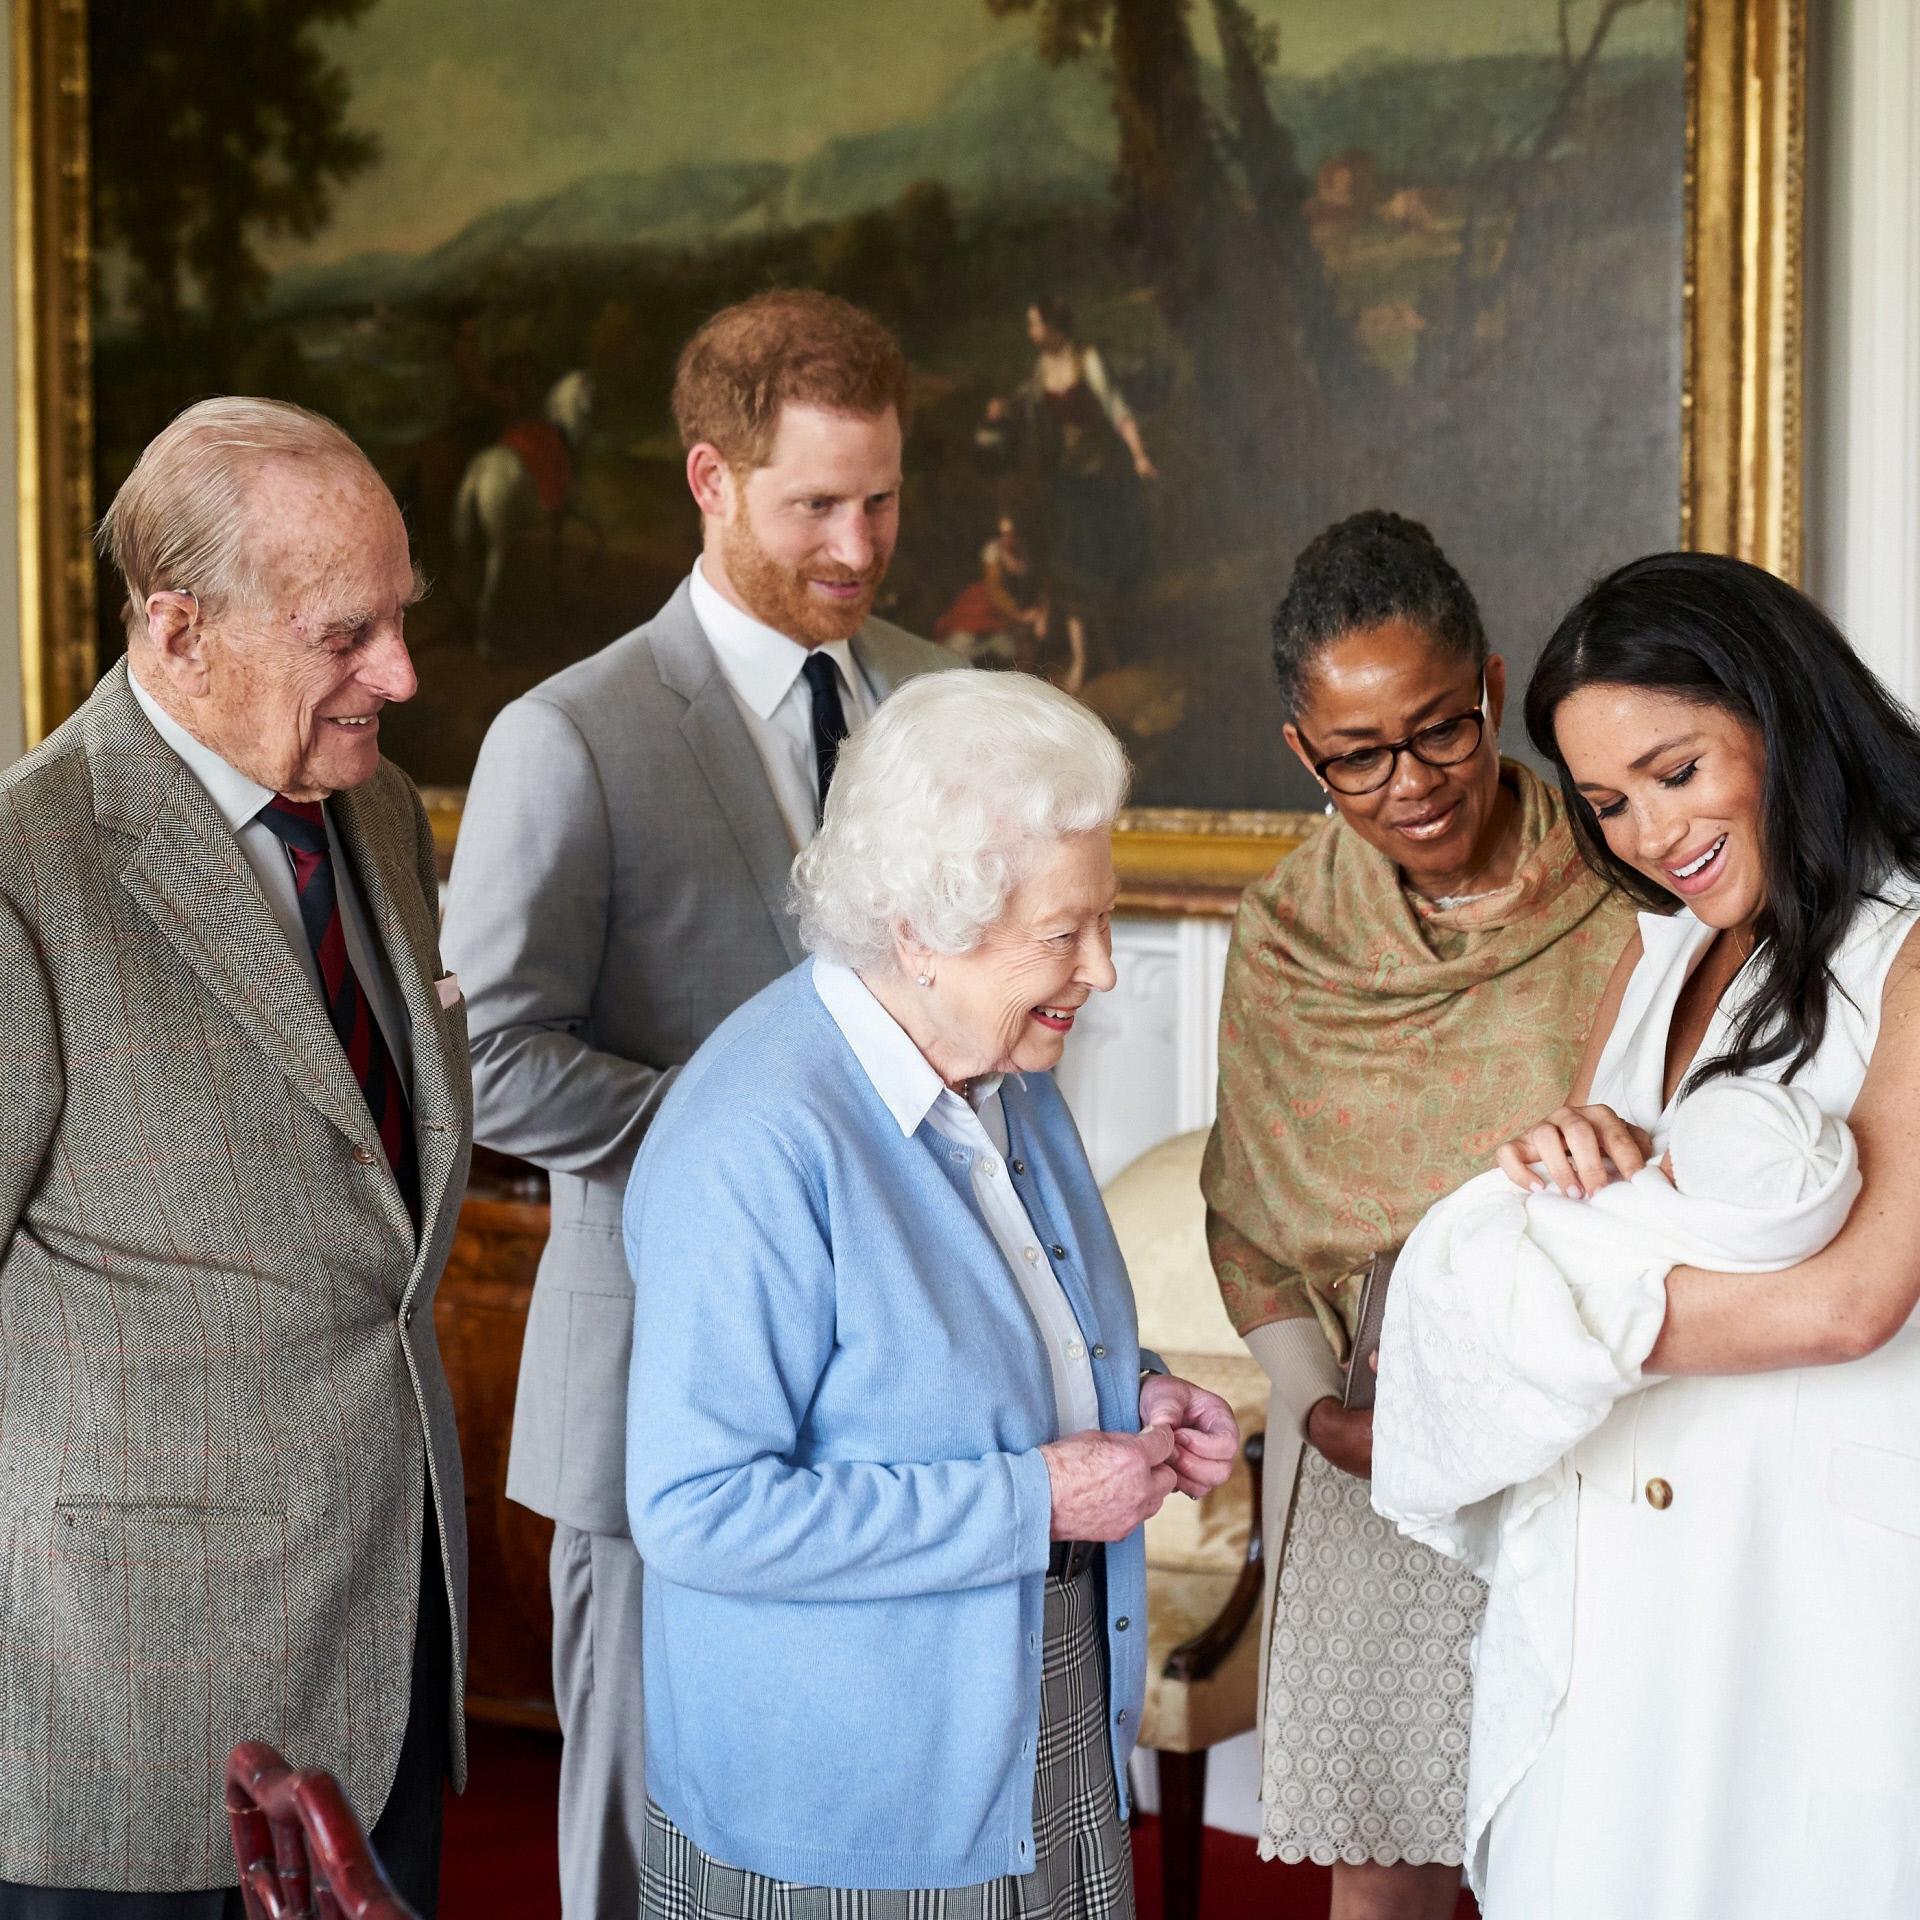 El duque de Edimburgo, el príncipe Harry, la reina Isabel, la madre de Meghan Markle y la duquesa de Sussex, que sostiene al pequeño Archie.